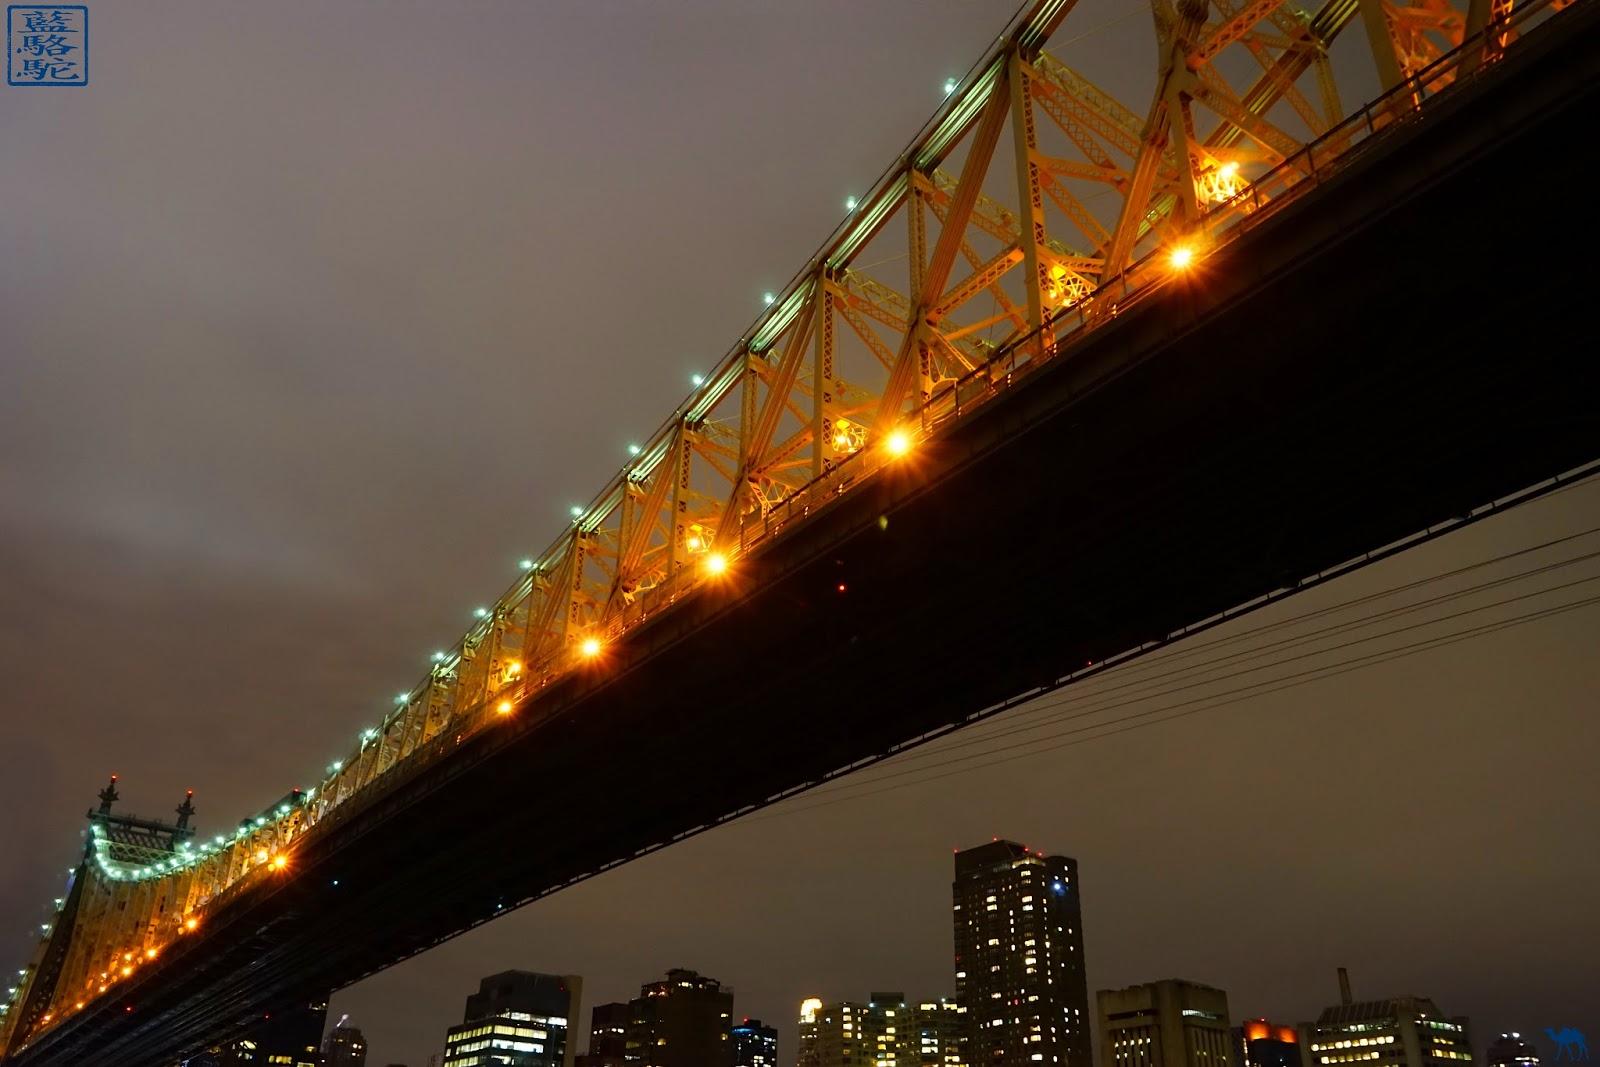 Le Chameau Bleu - Blog Voyage New York City - New York - Pont de Queensboro